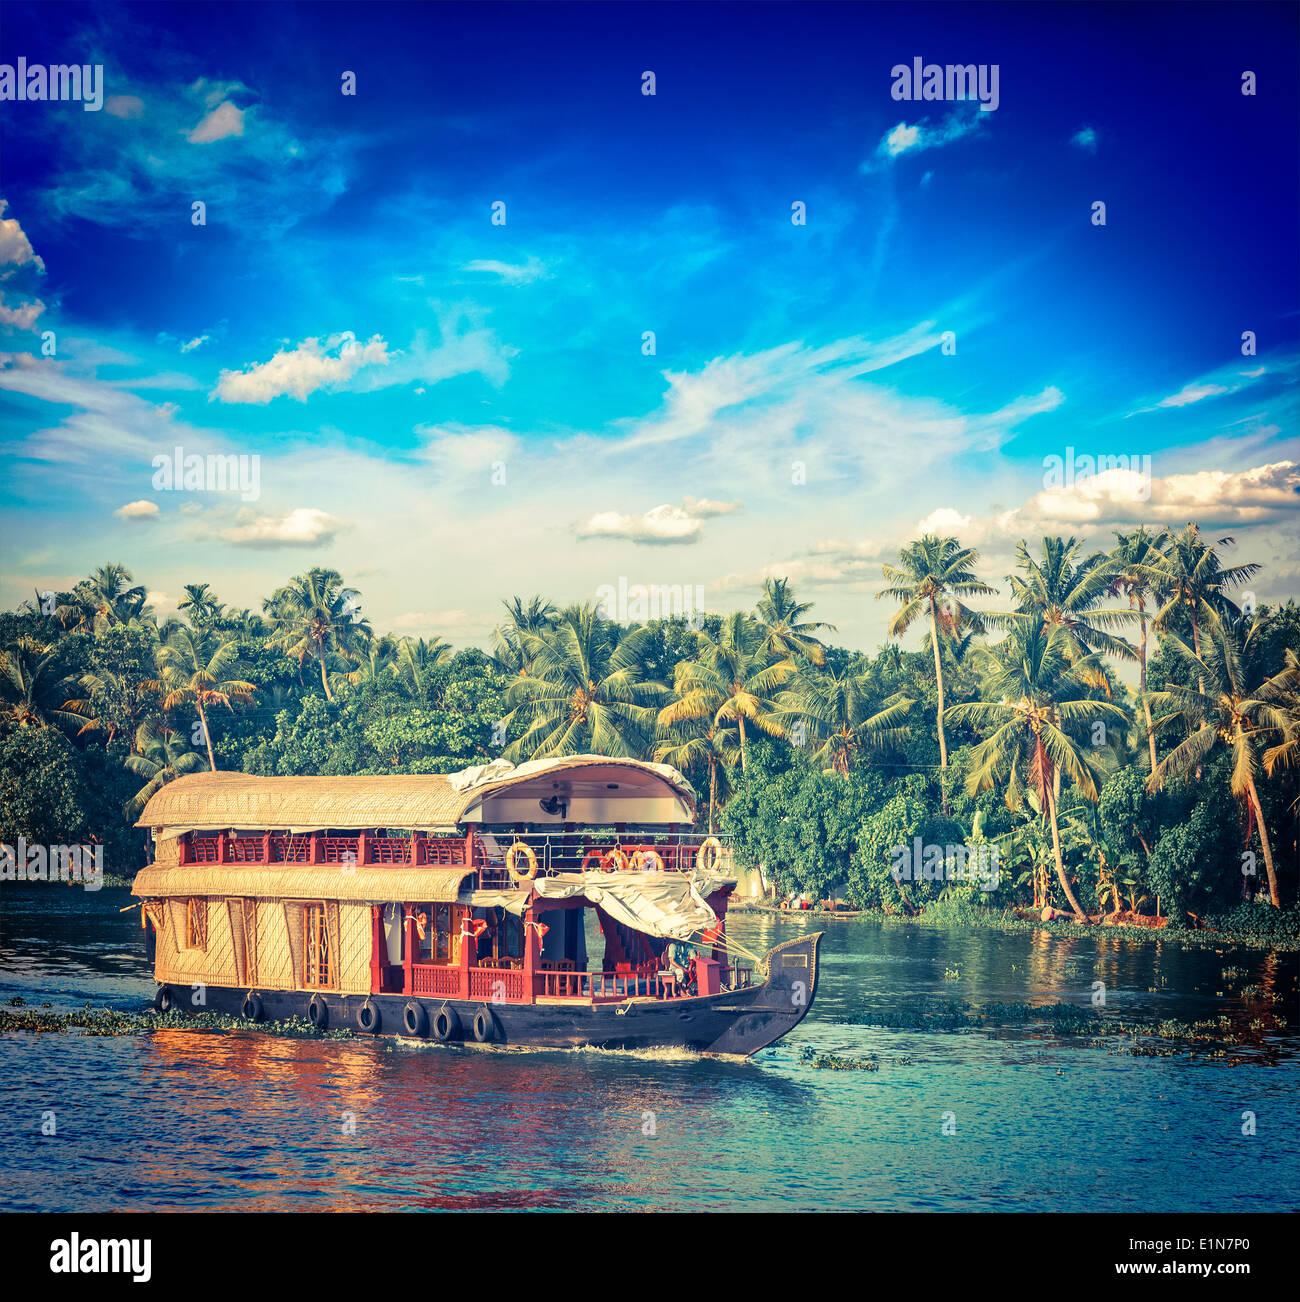 Vintage retrò hipster stile immagine di viaggio del Kerala Viaggi Turismo sullo sfondo - houseboat in Kerala backwaters. Il Kerala, India Immagini Stock